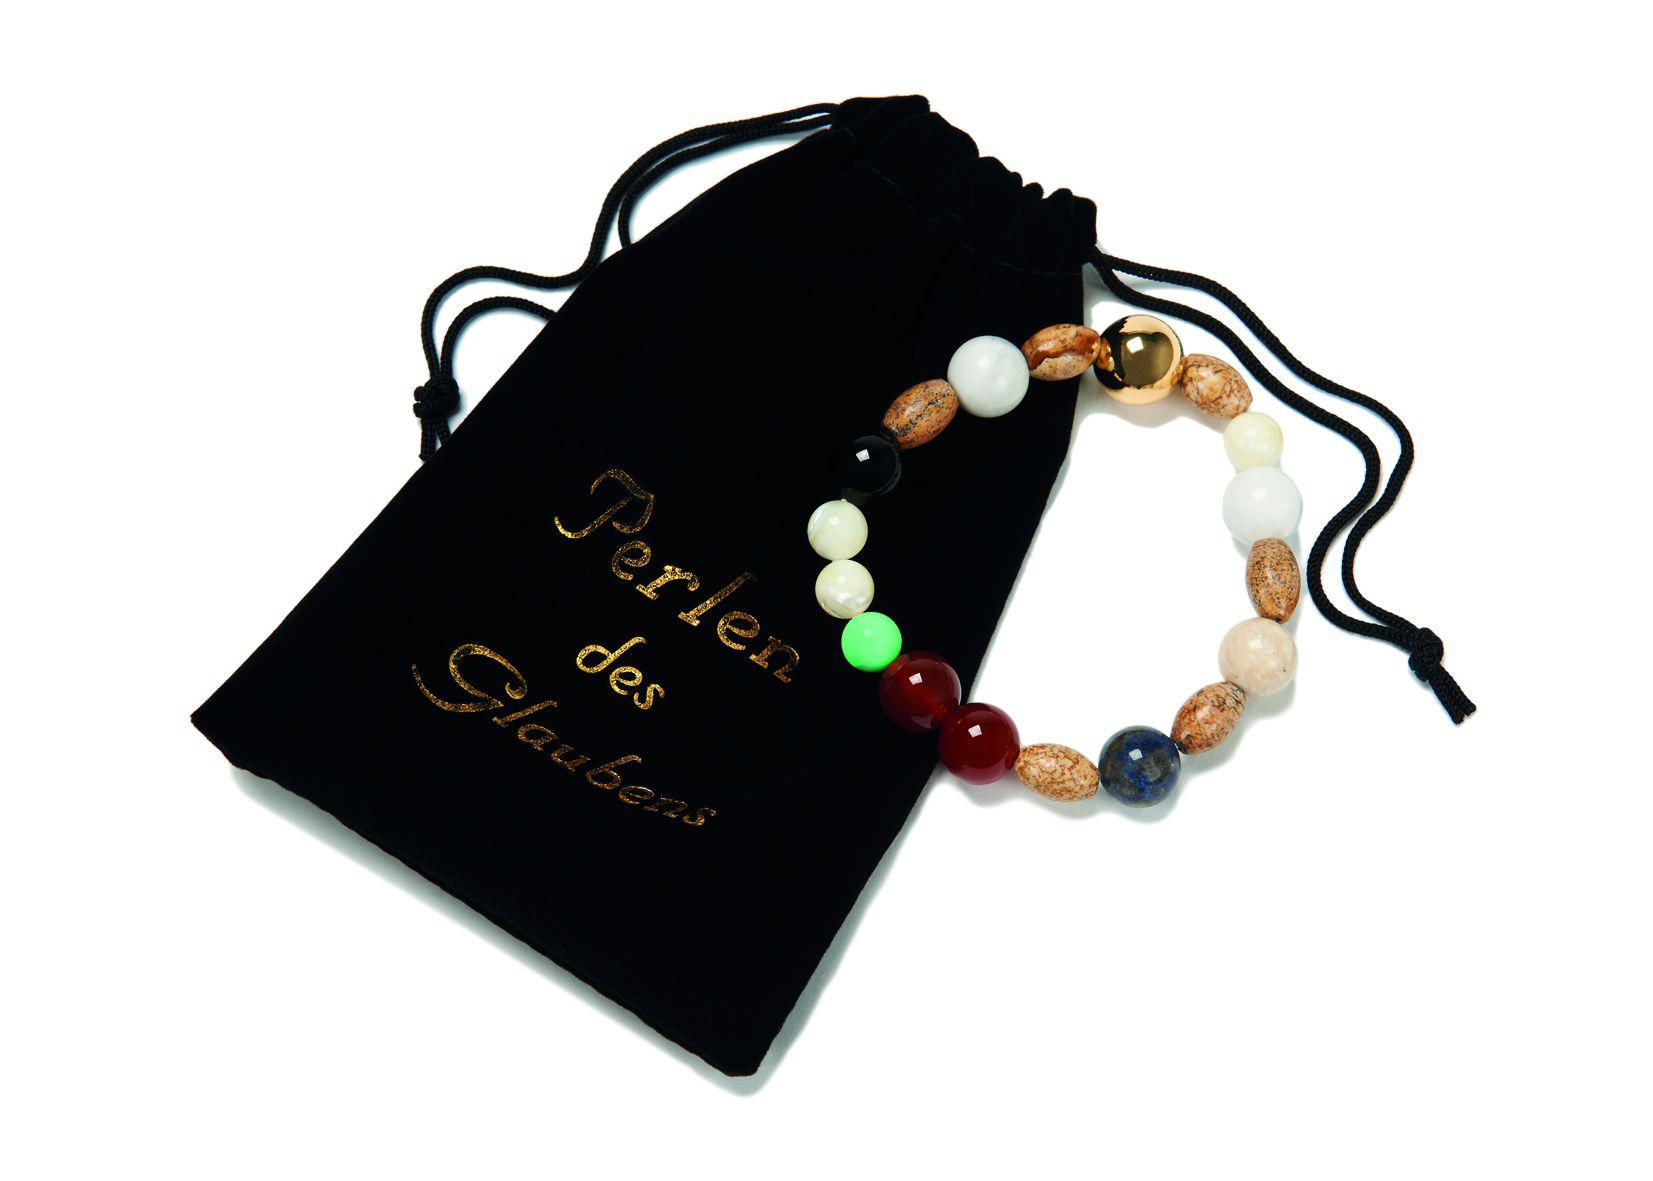 Perlen des Glaubens (Stein)